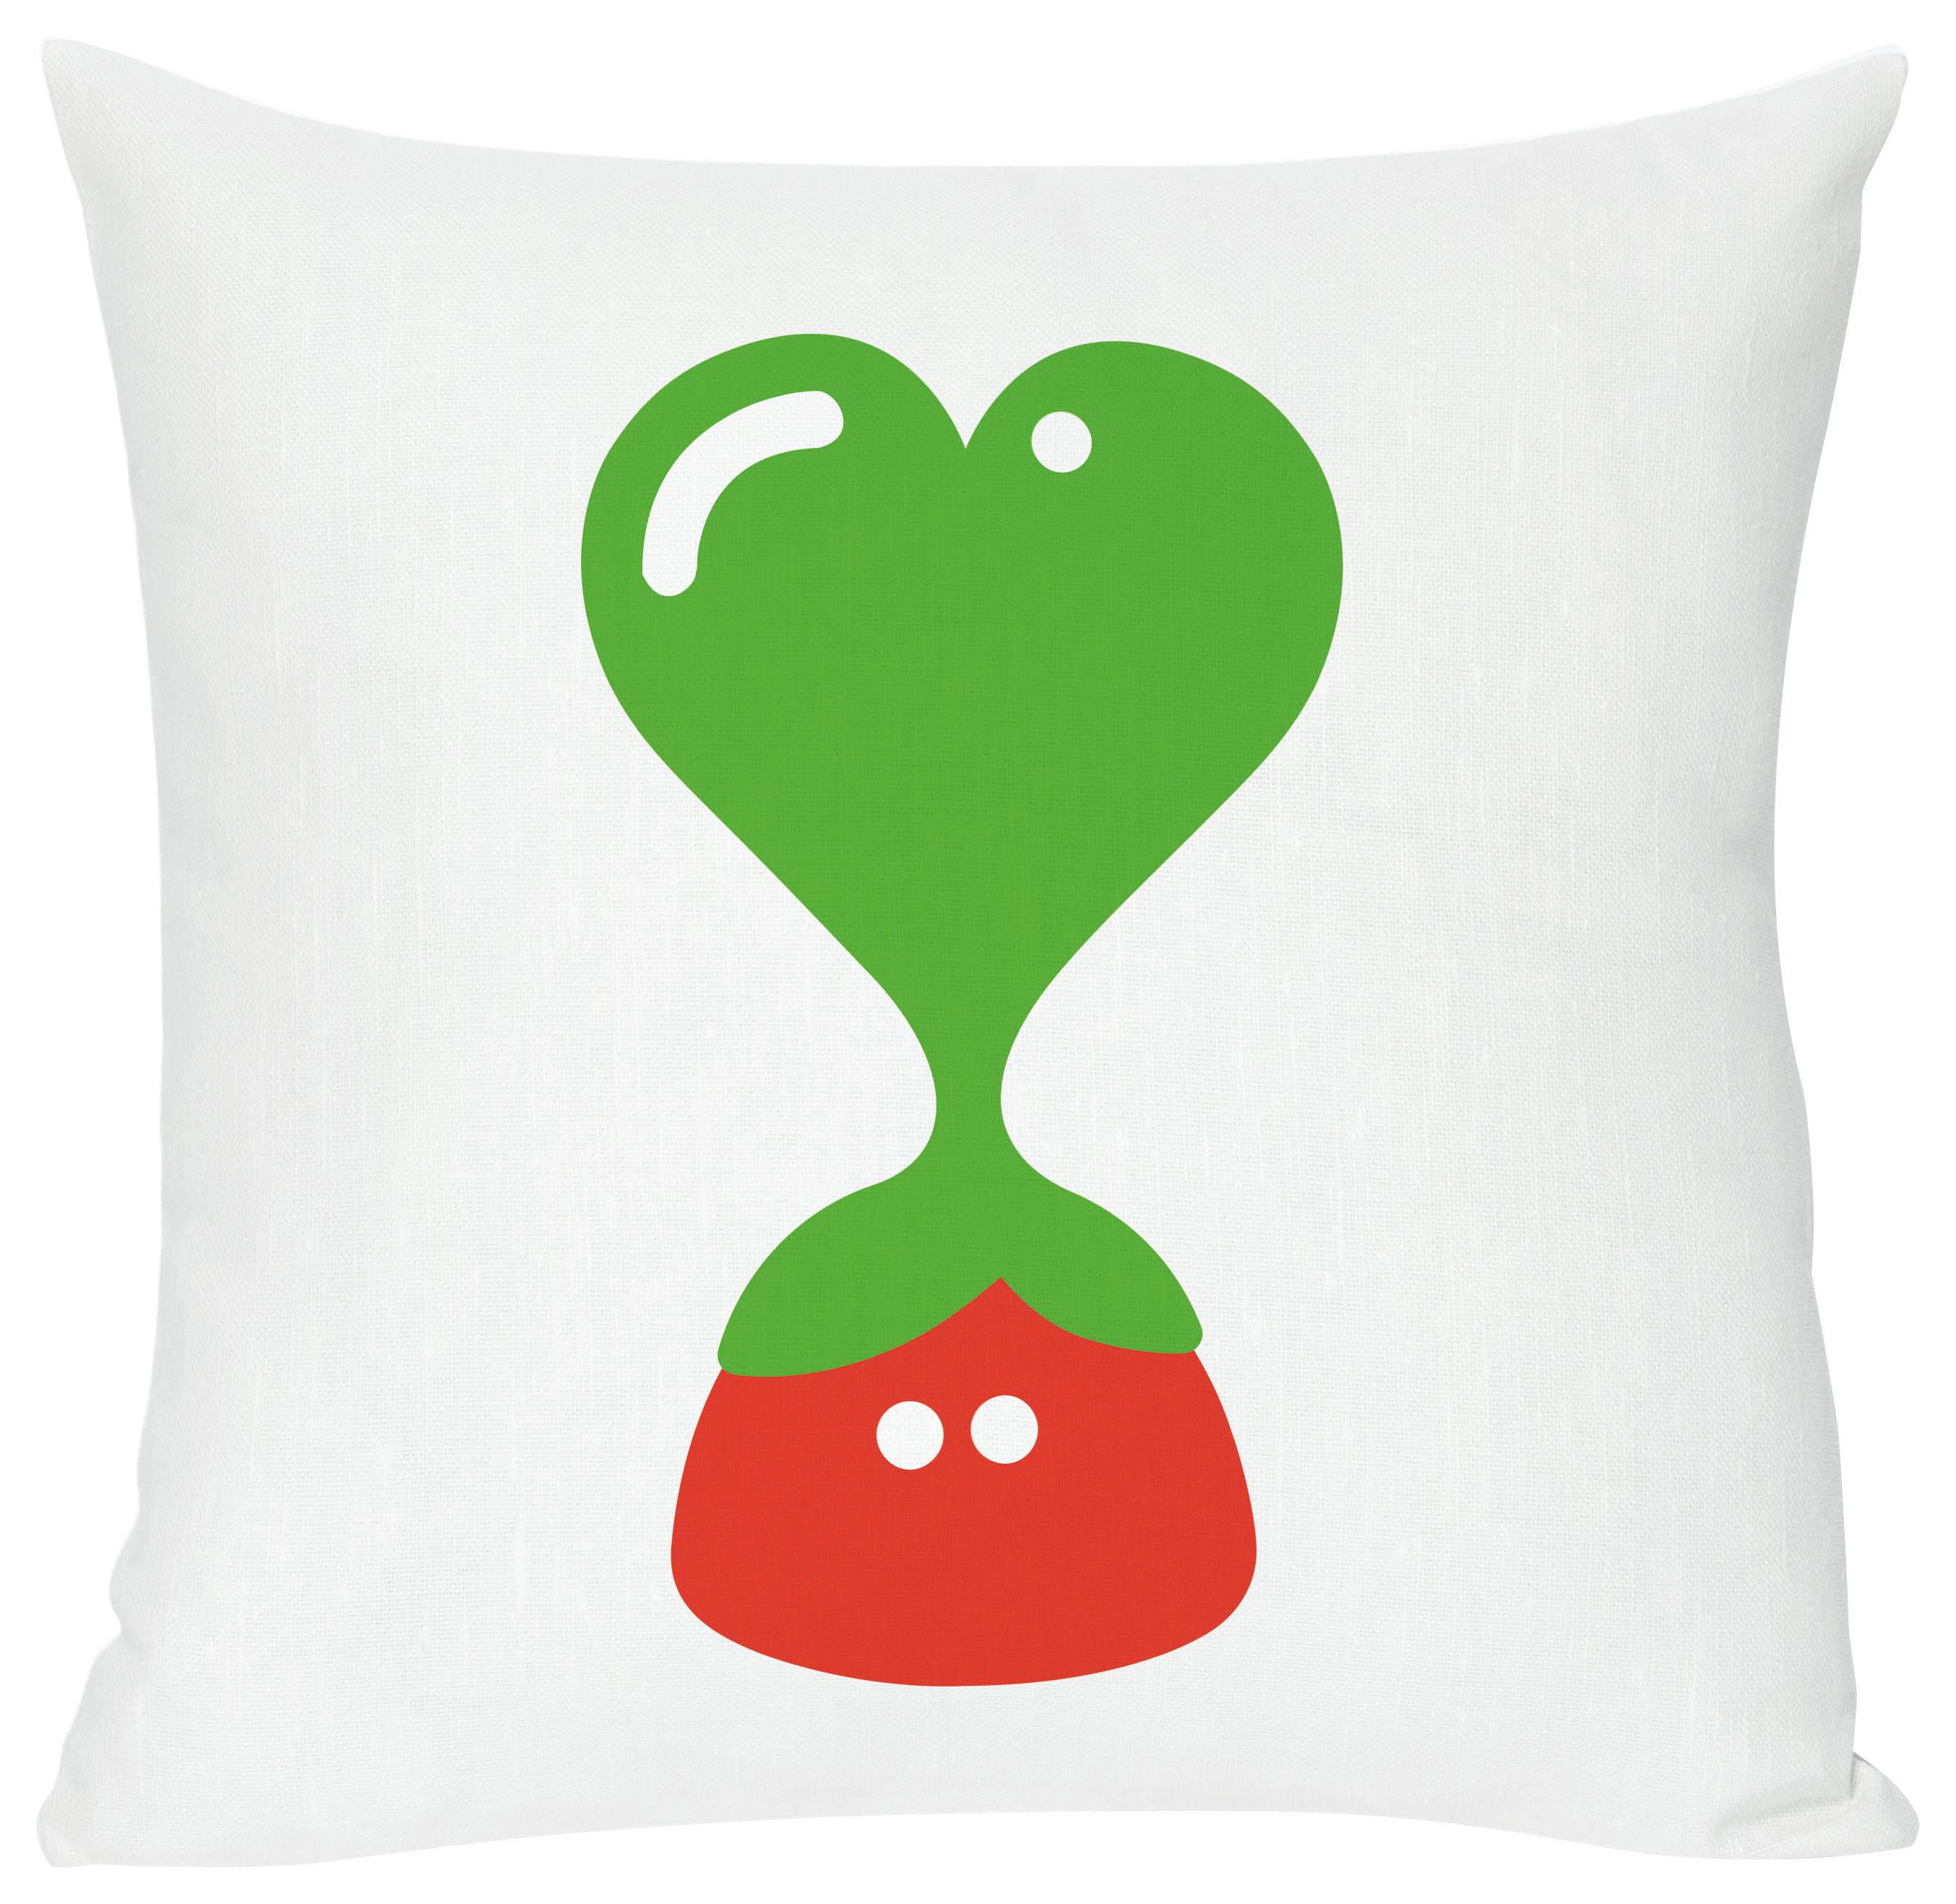 Déco - Pour les enfants - Coussin Green heart / 40 x 40 cm - Domestic - Green heart - Coton, Lin